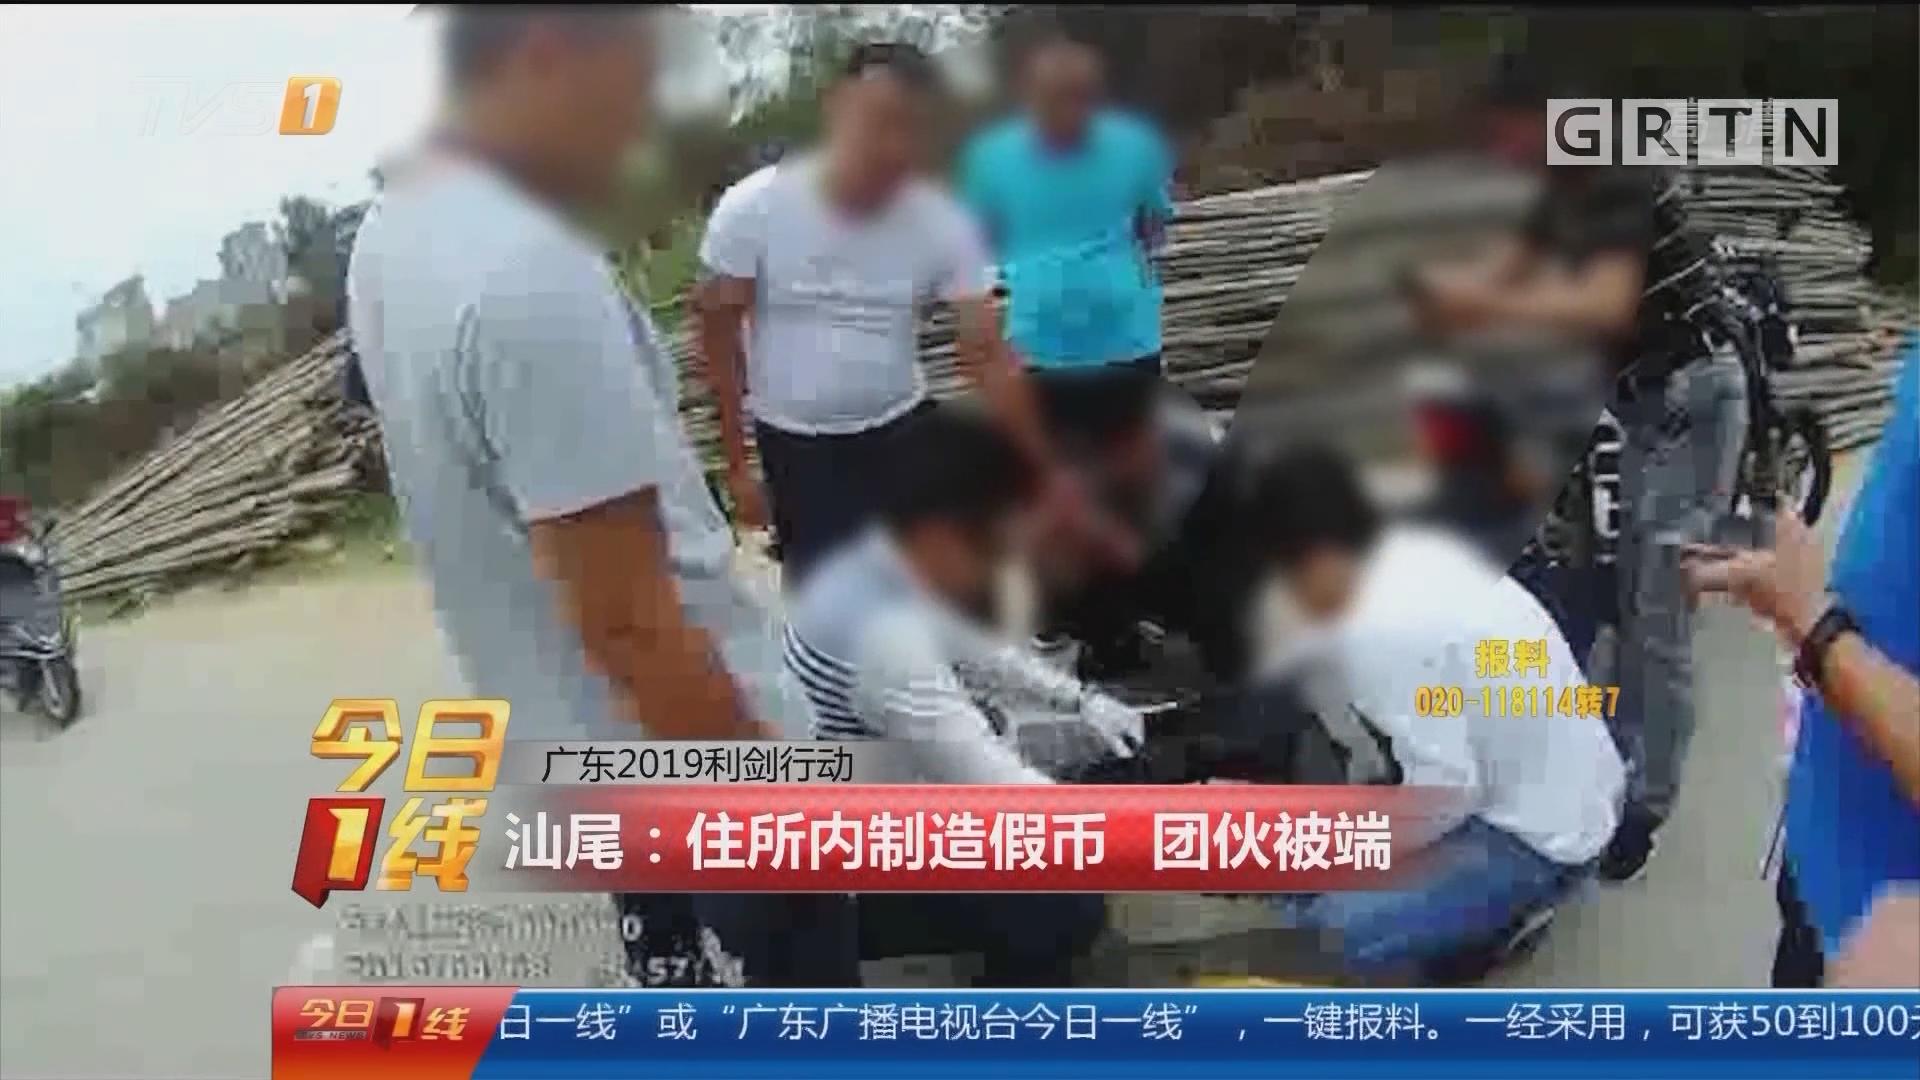 广东2019利剑行动 汕尾:住所内制造假币 团伙被端